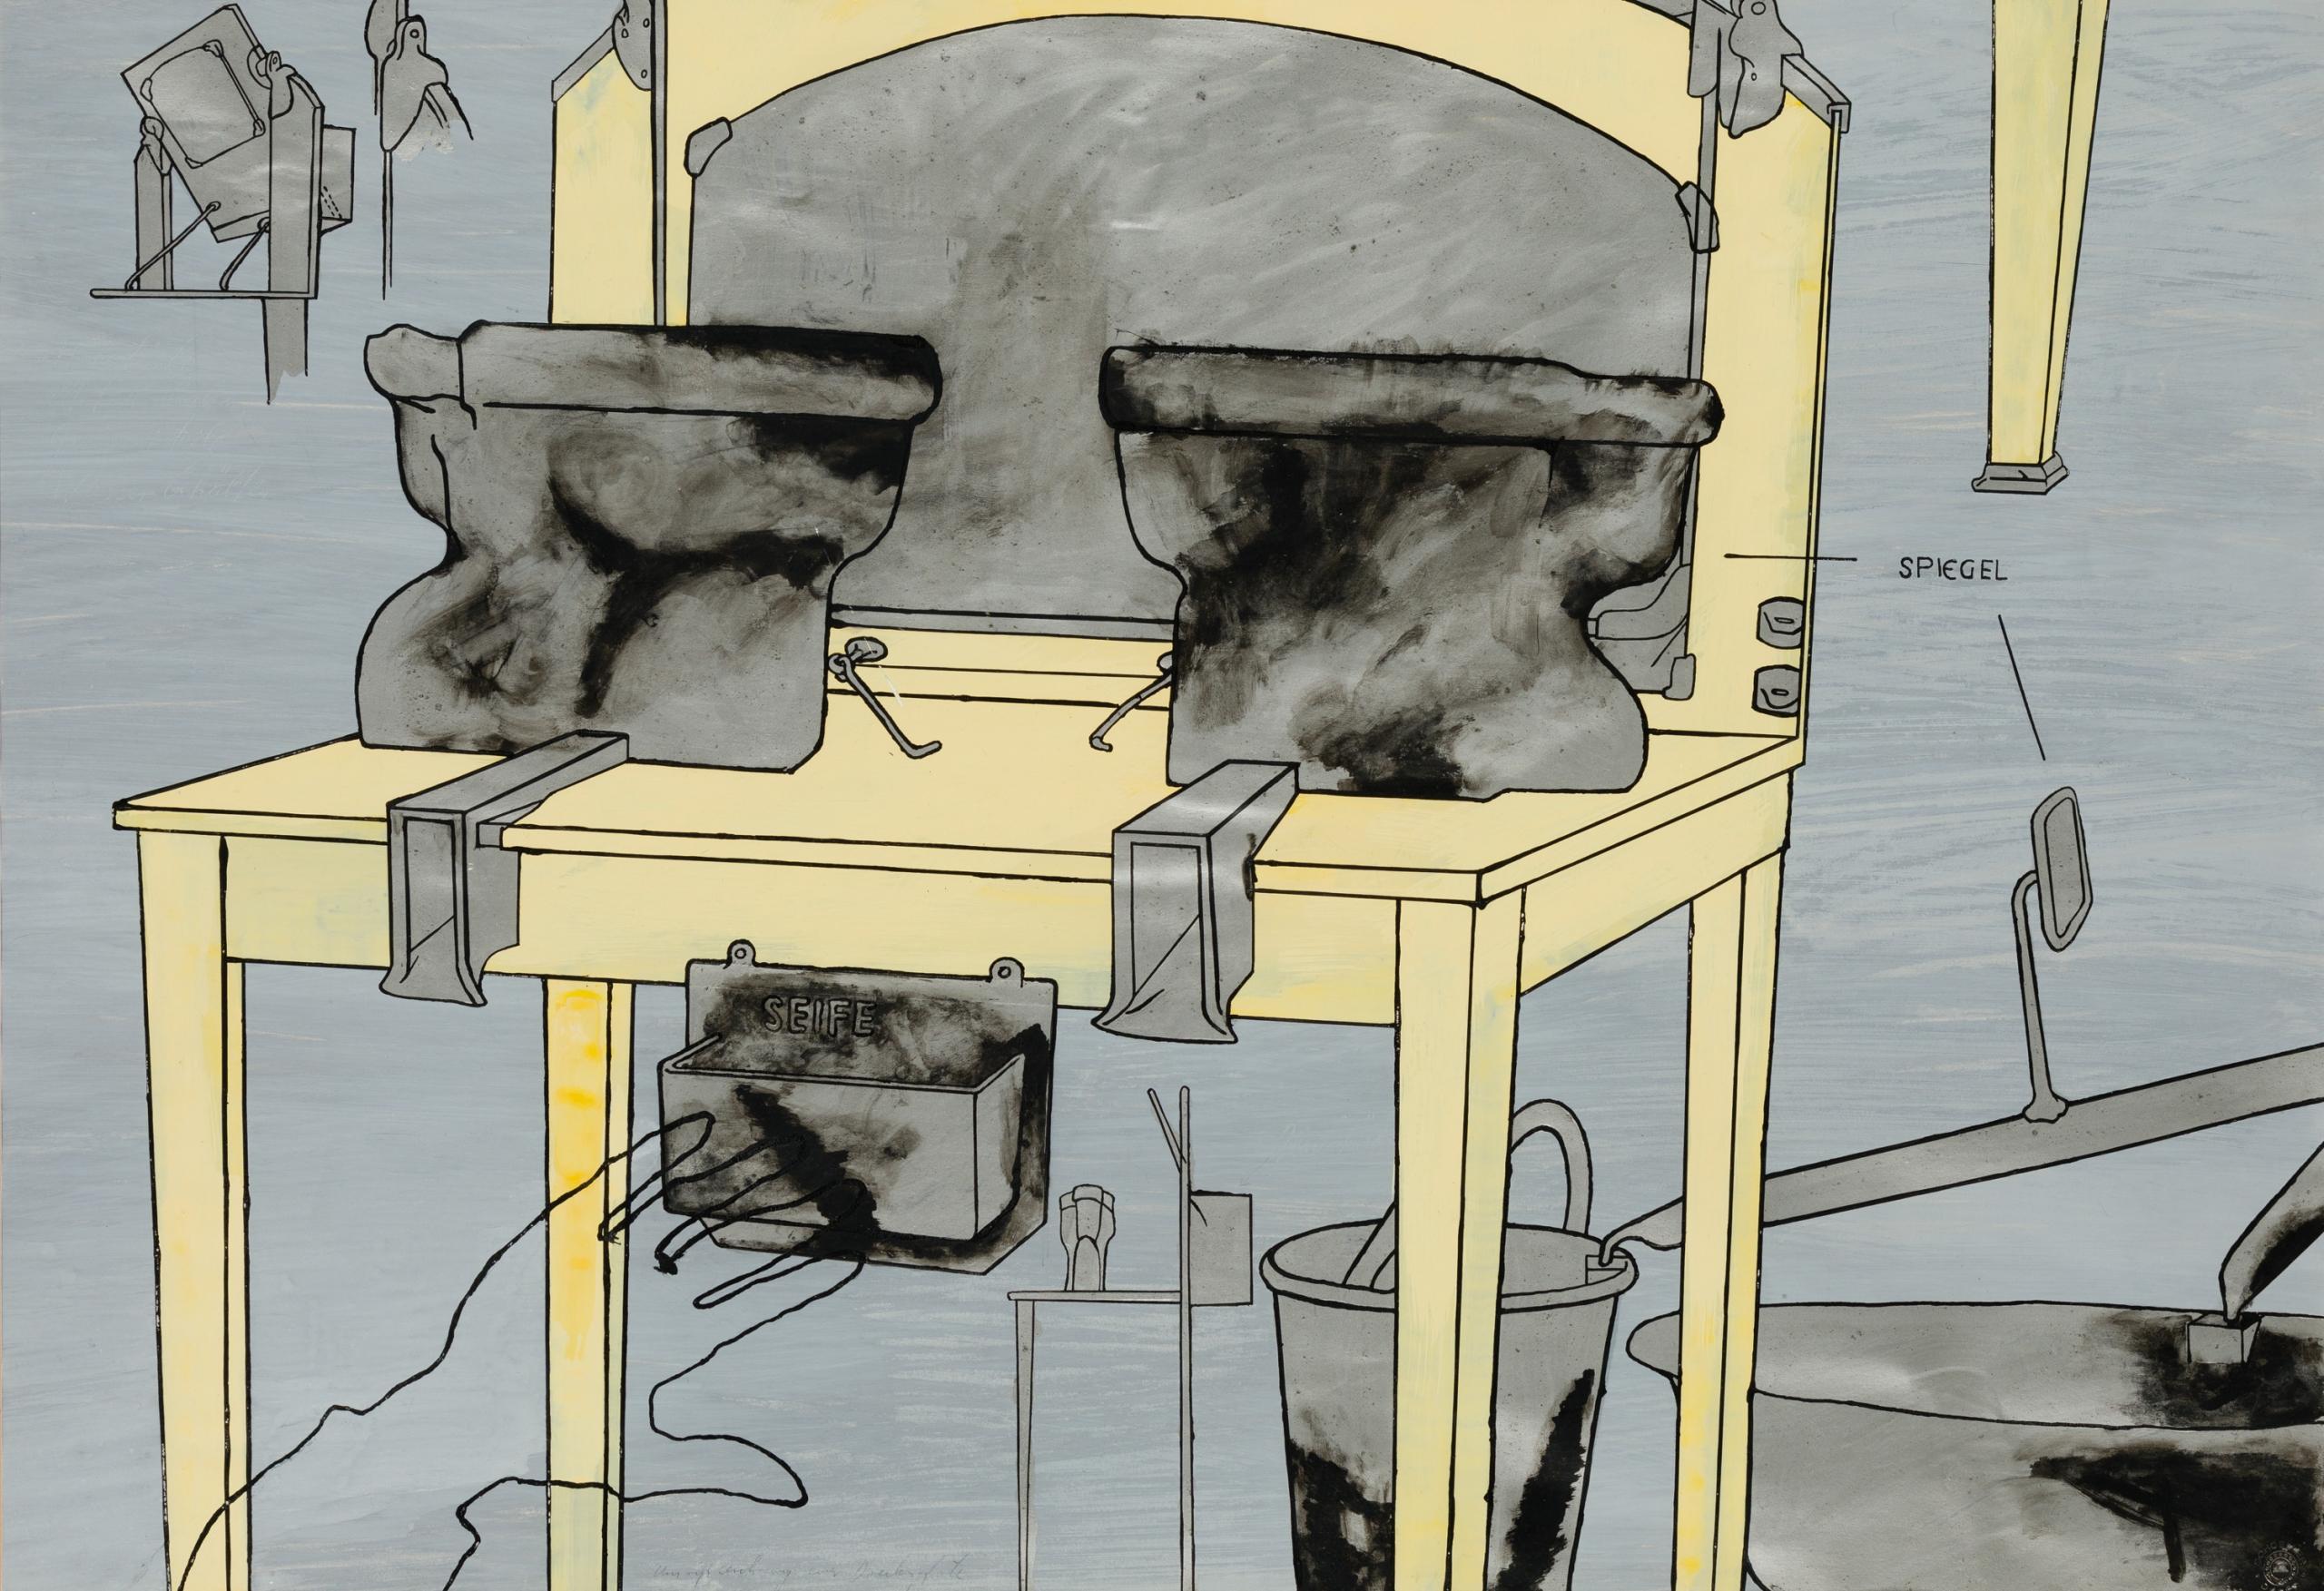 Bruno Gironcoli, Umrissskizze einer Druckmaschine